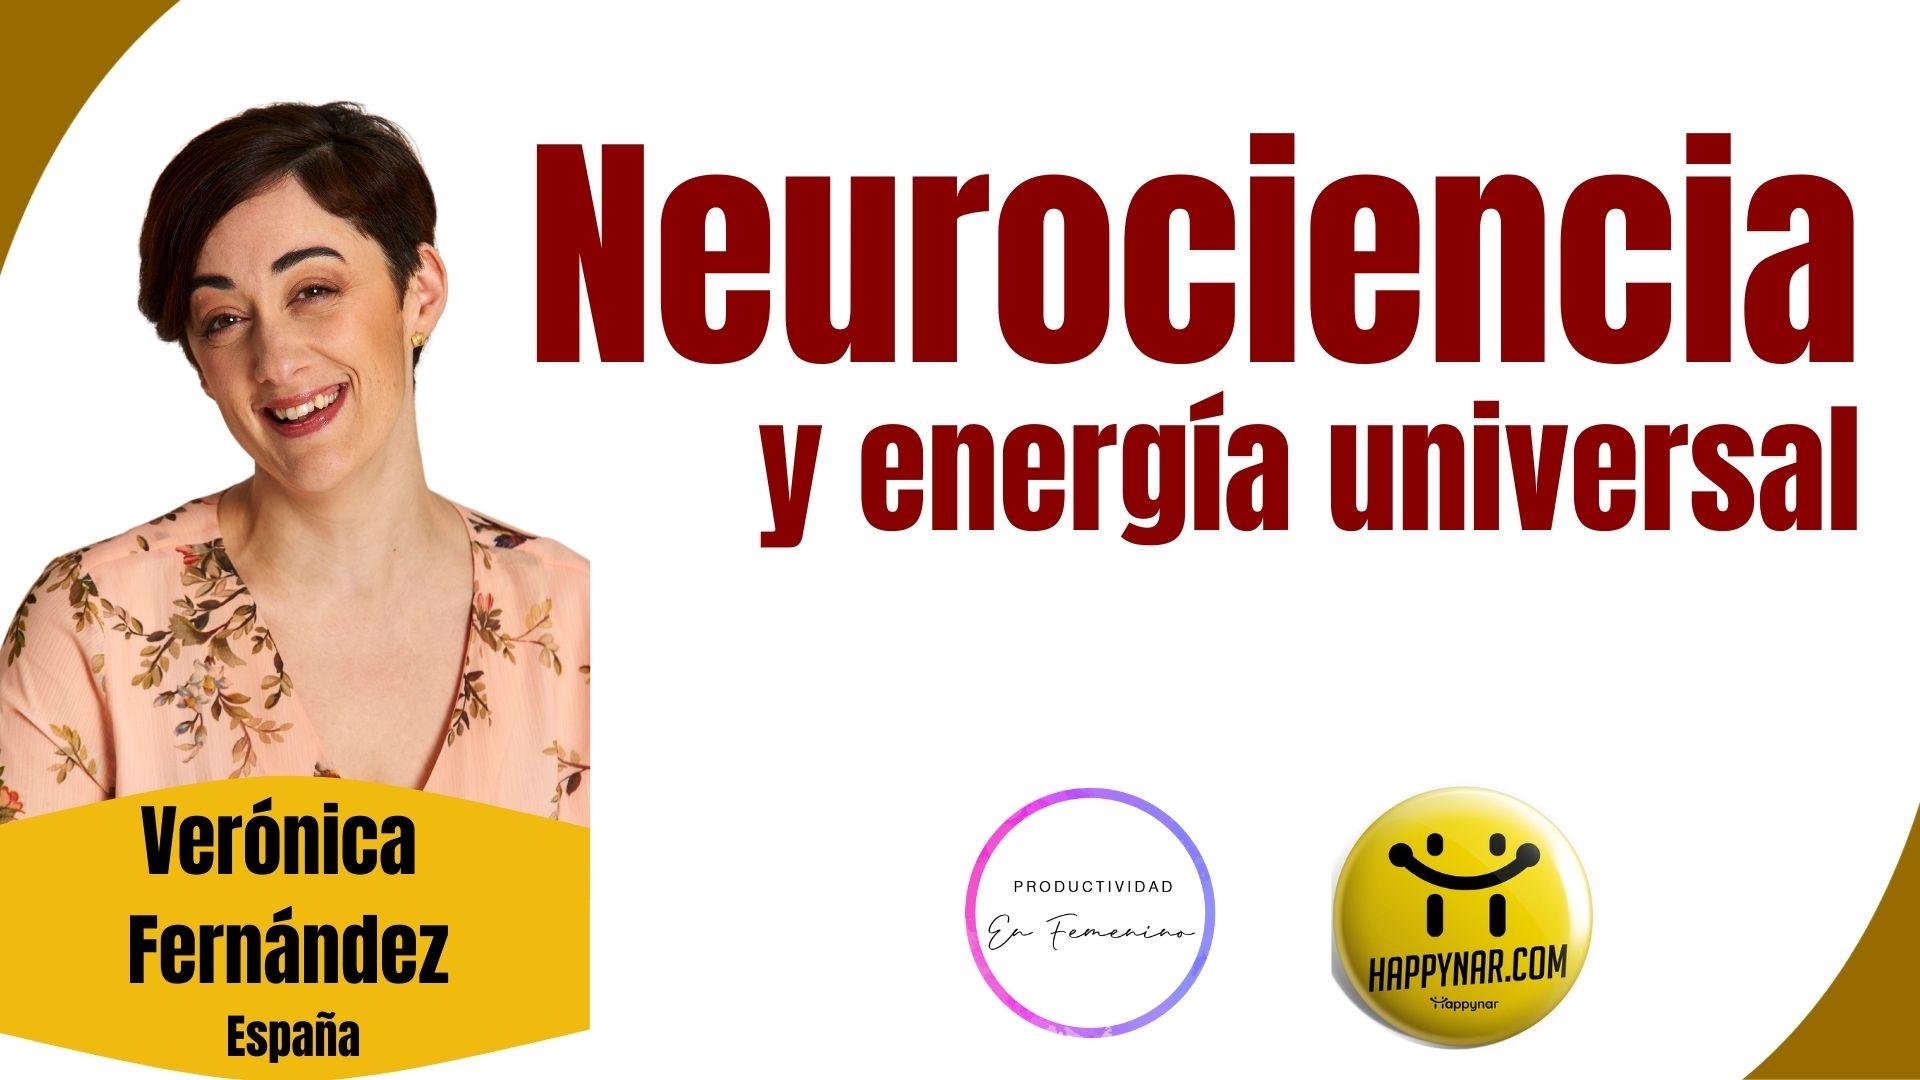 Neurociencia y Energía